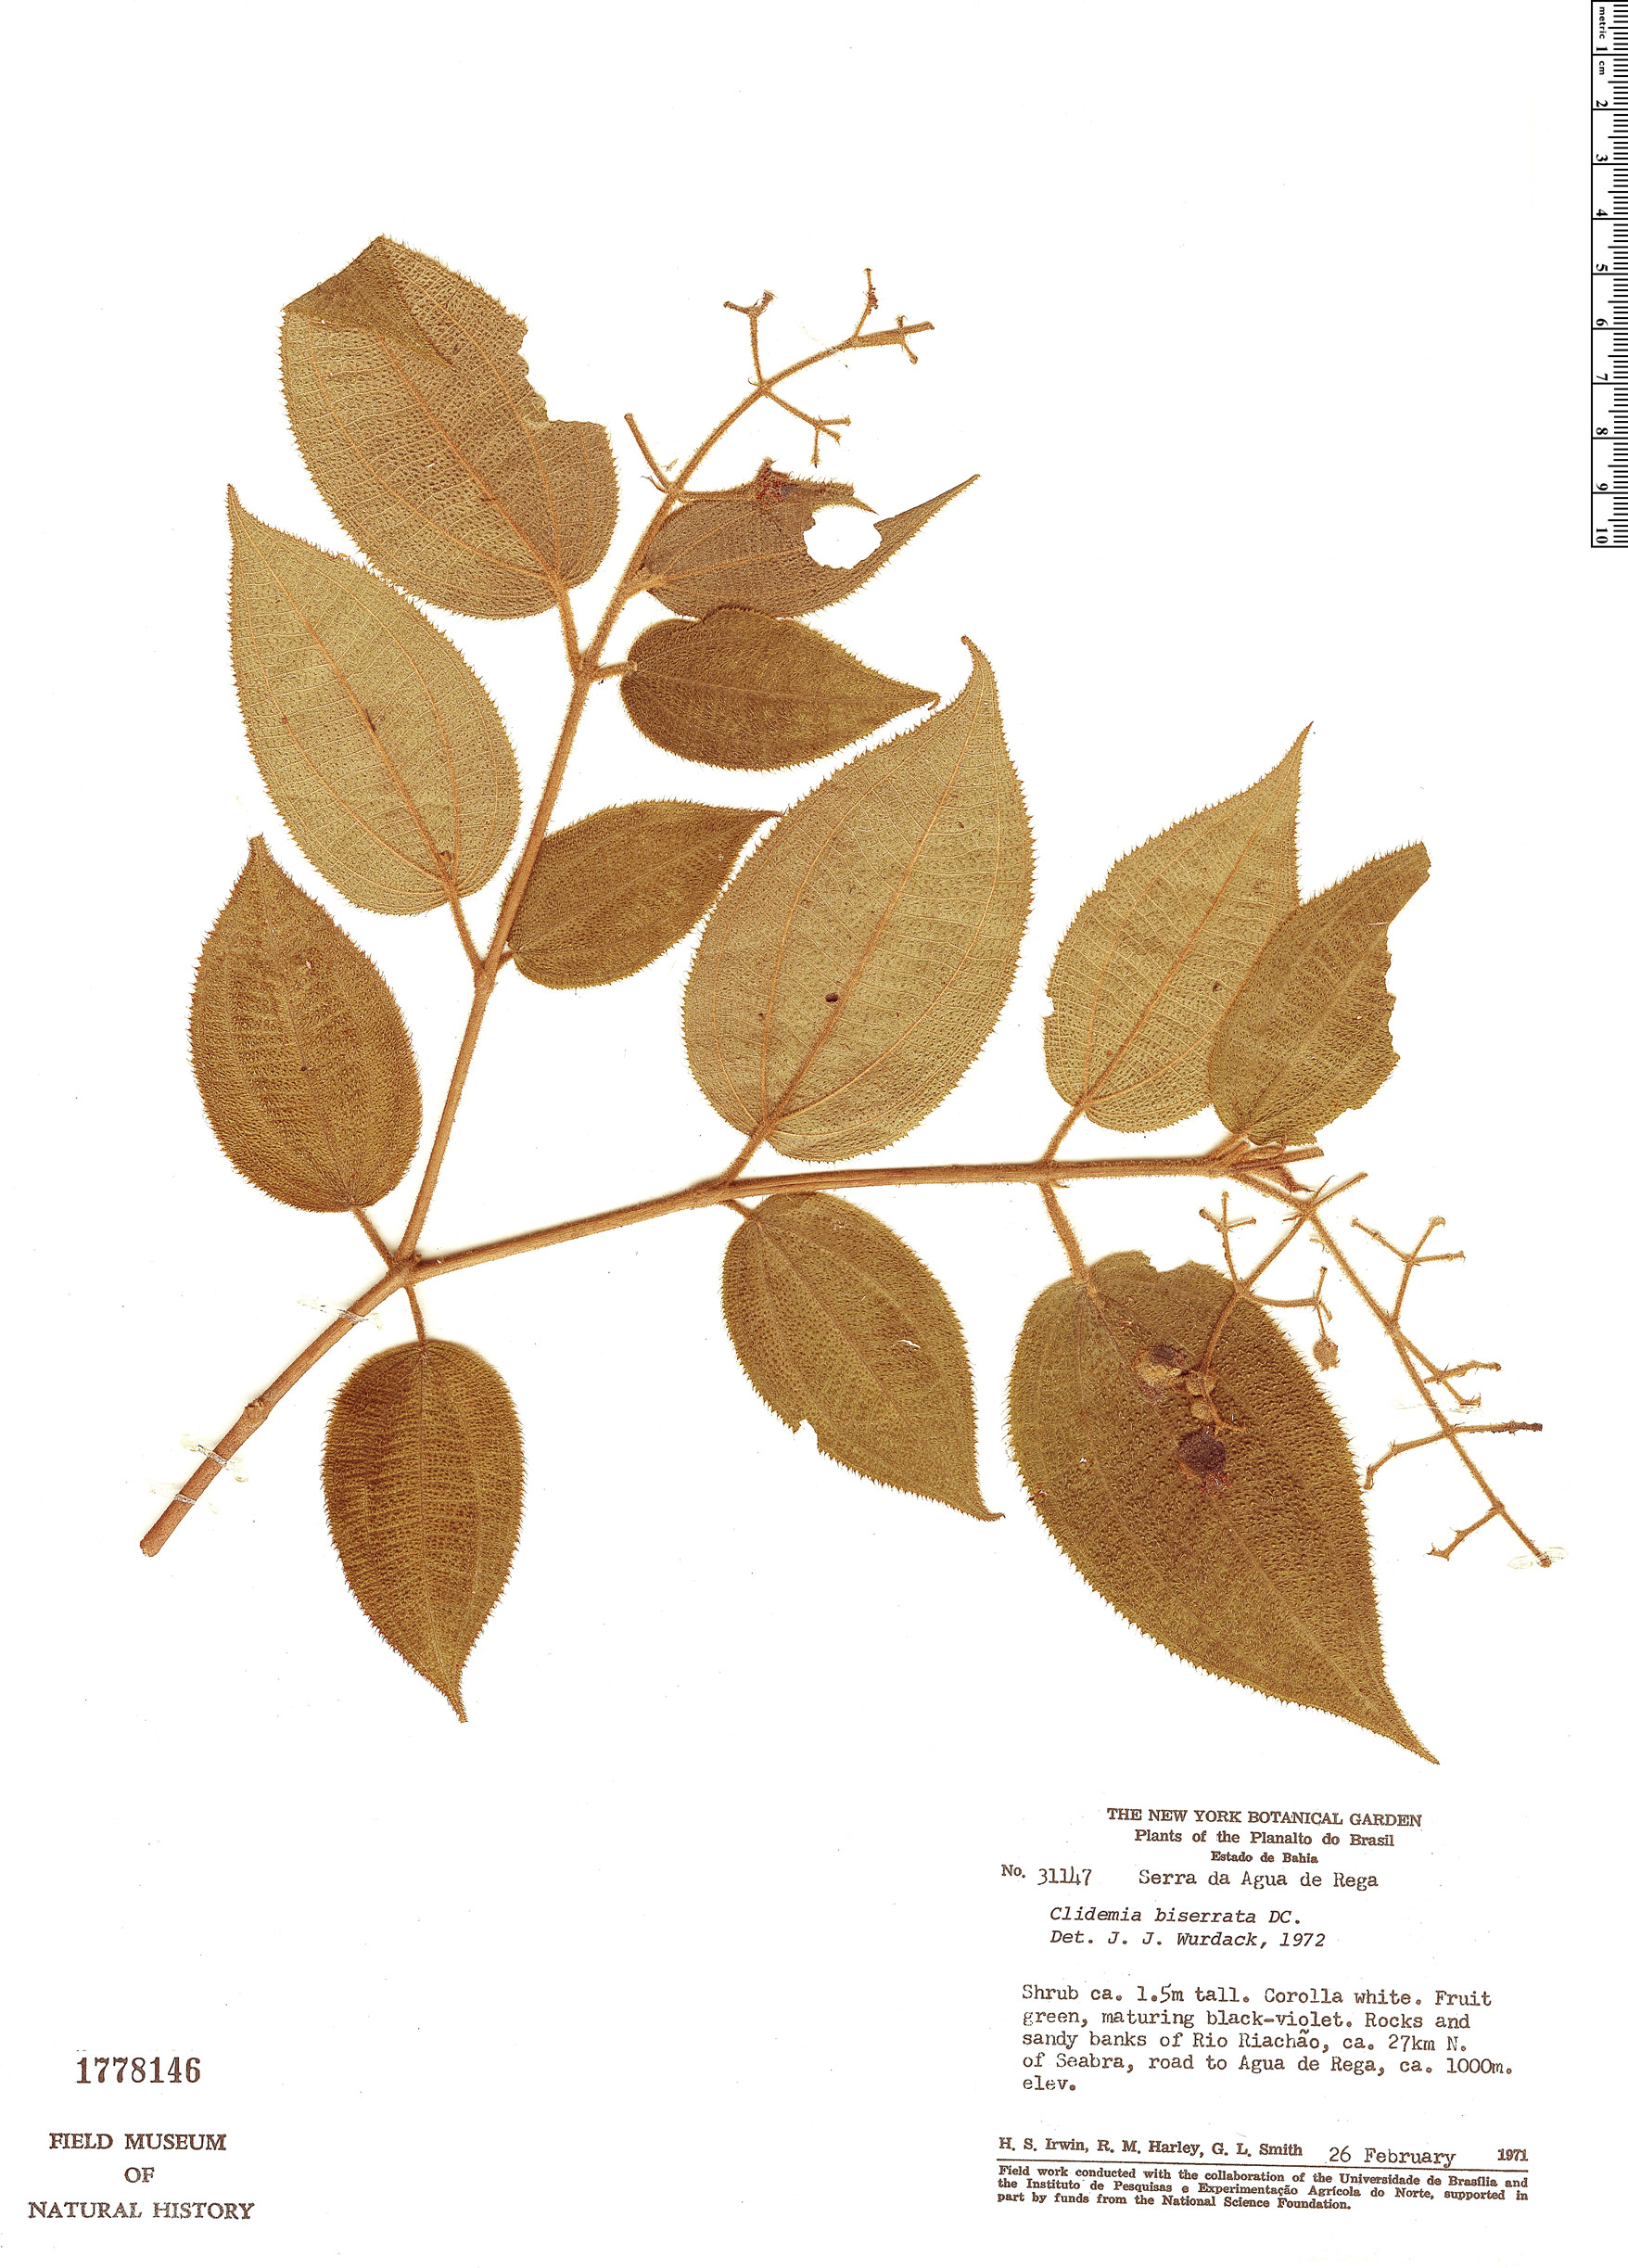 Specimen: Clidemia biserrata